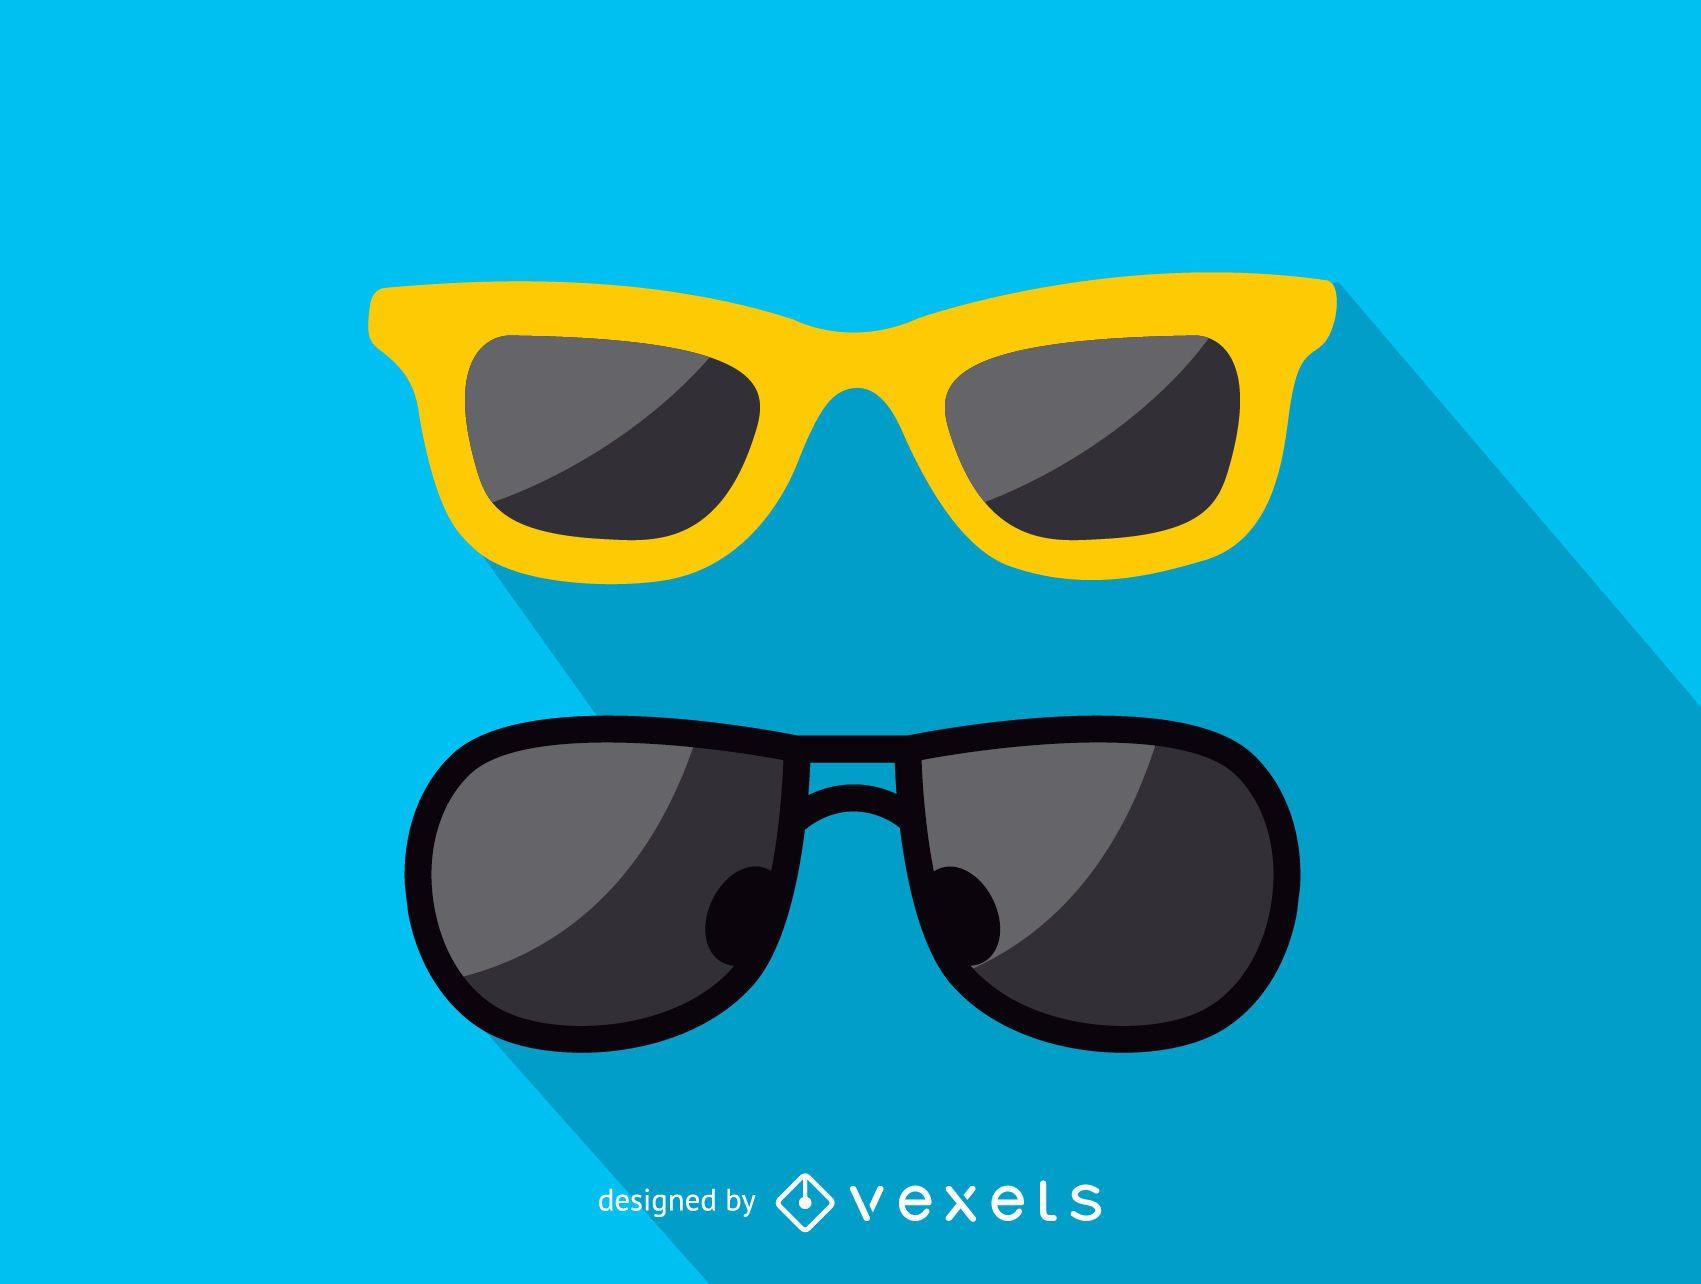 Icono de dos pares de gafas de sol